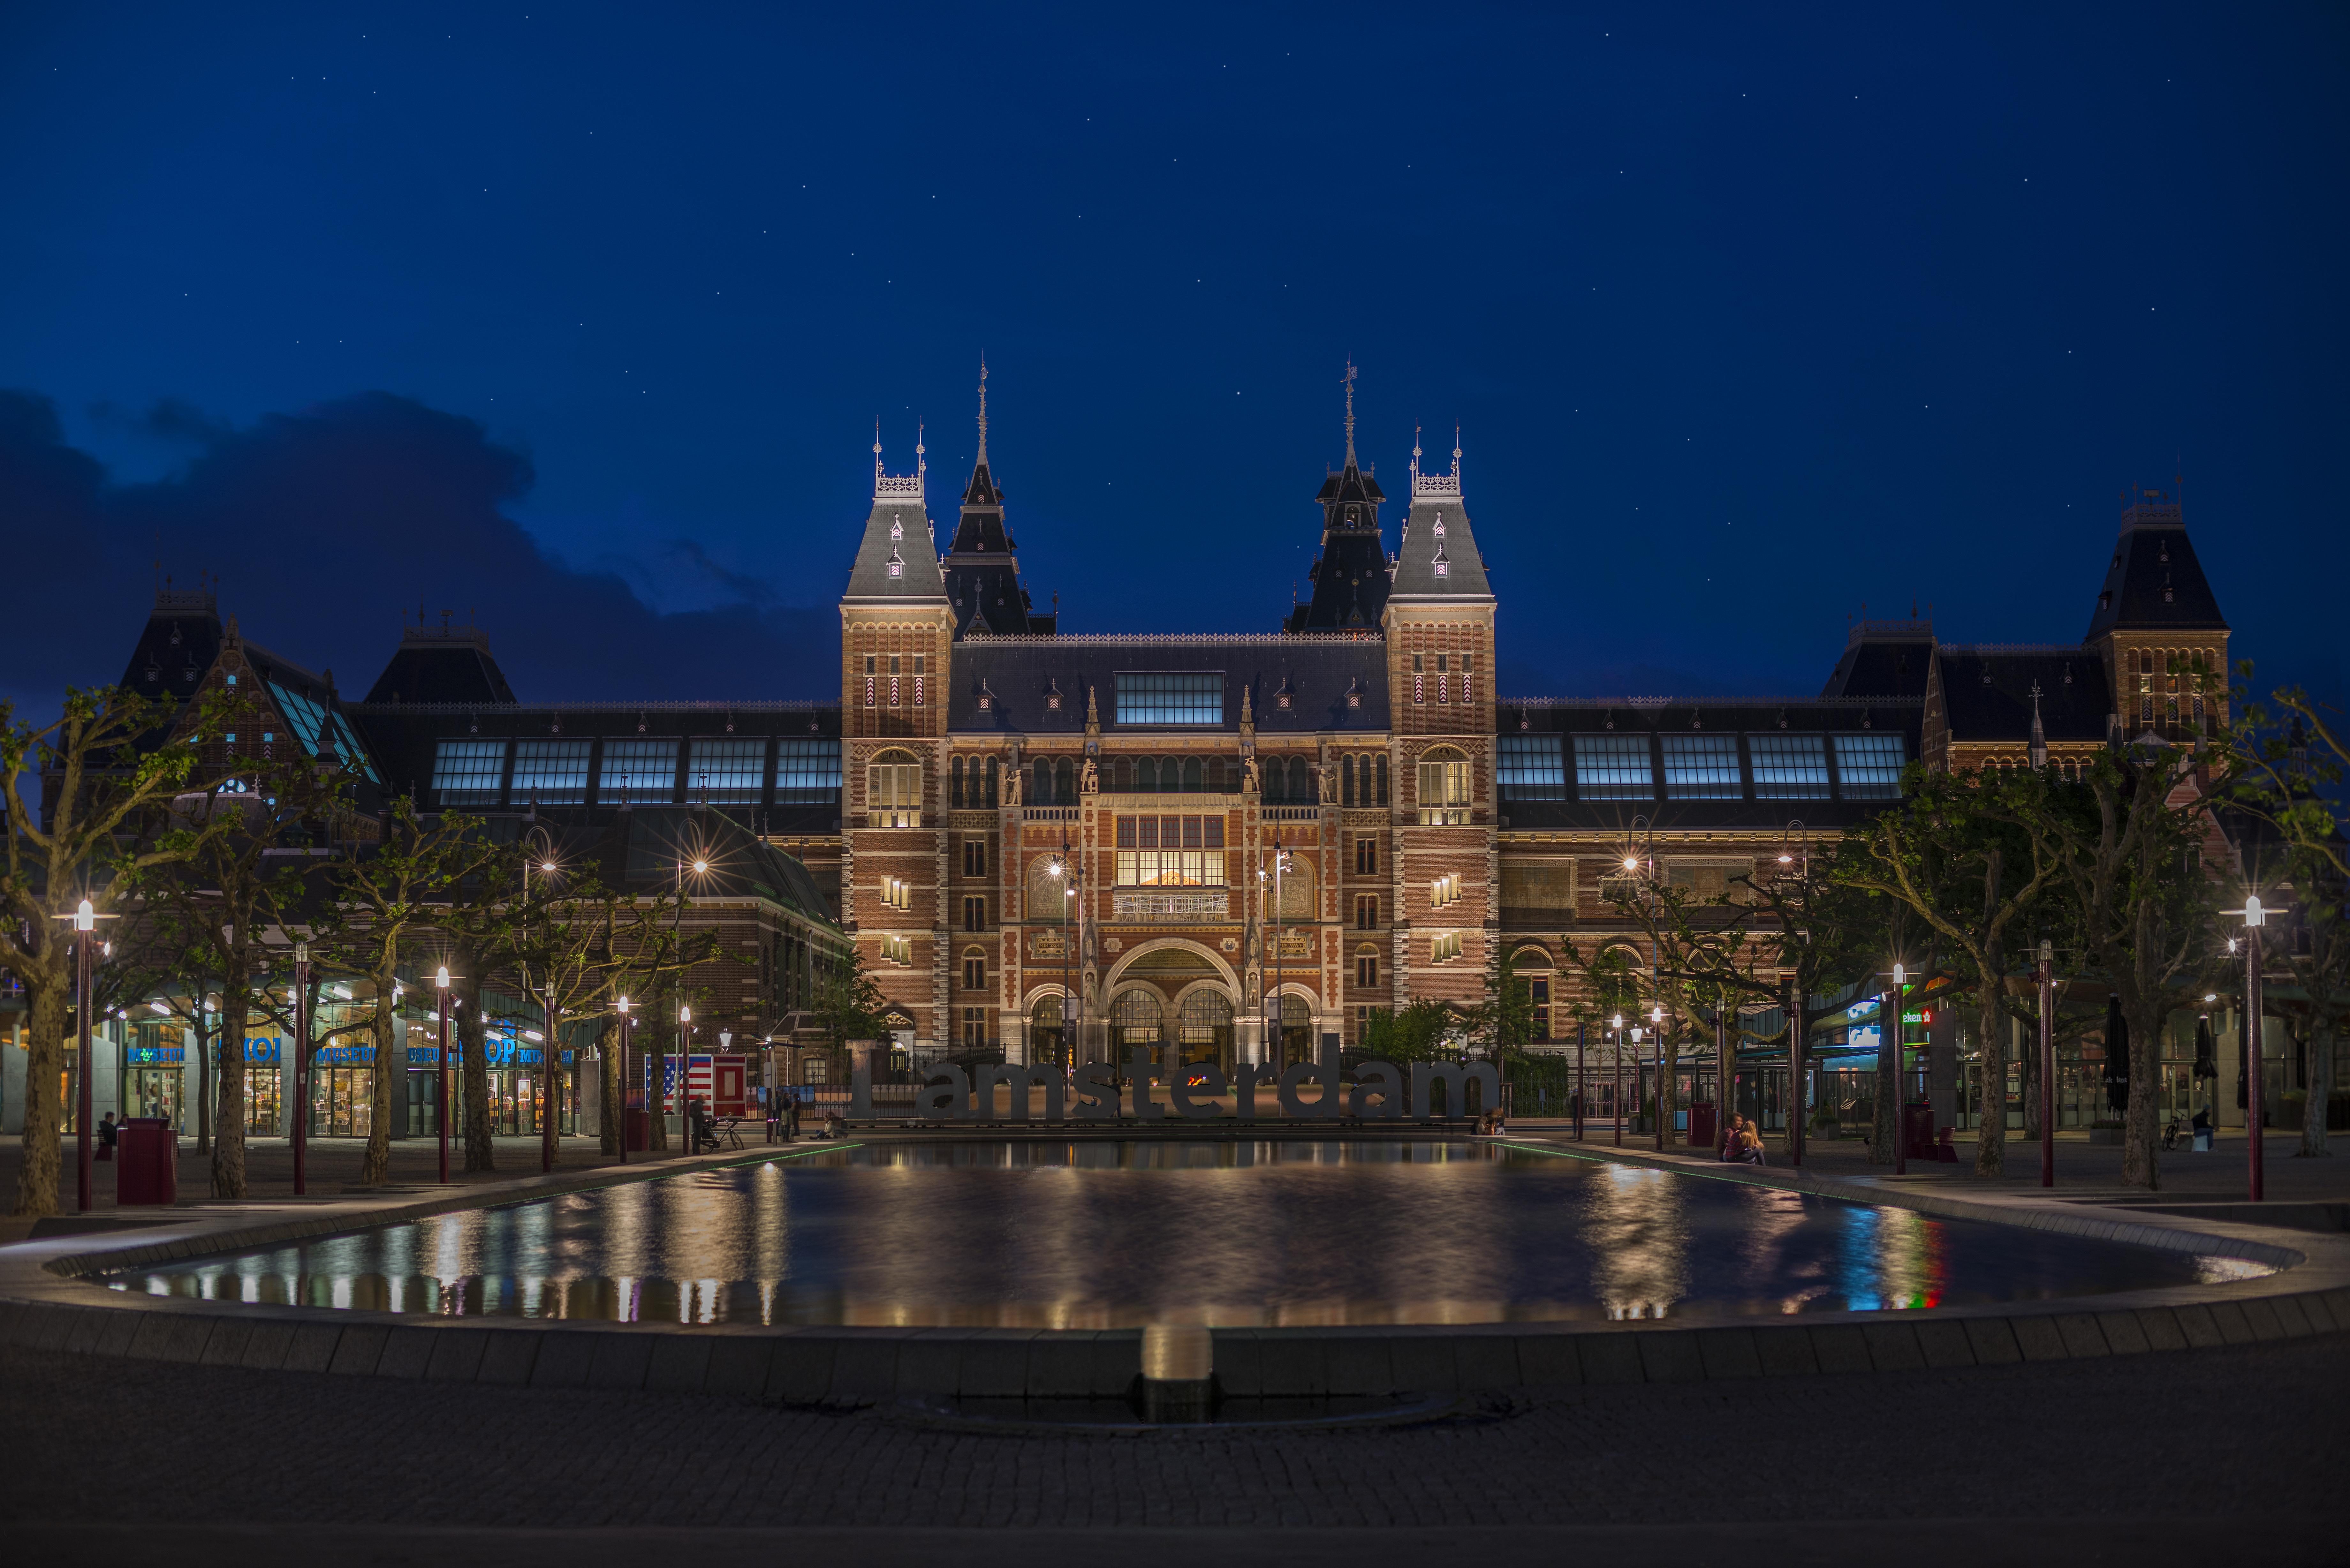 Rijksmuseum - 2014 - John Lewis Marshall - 02 (JPEG)